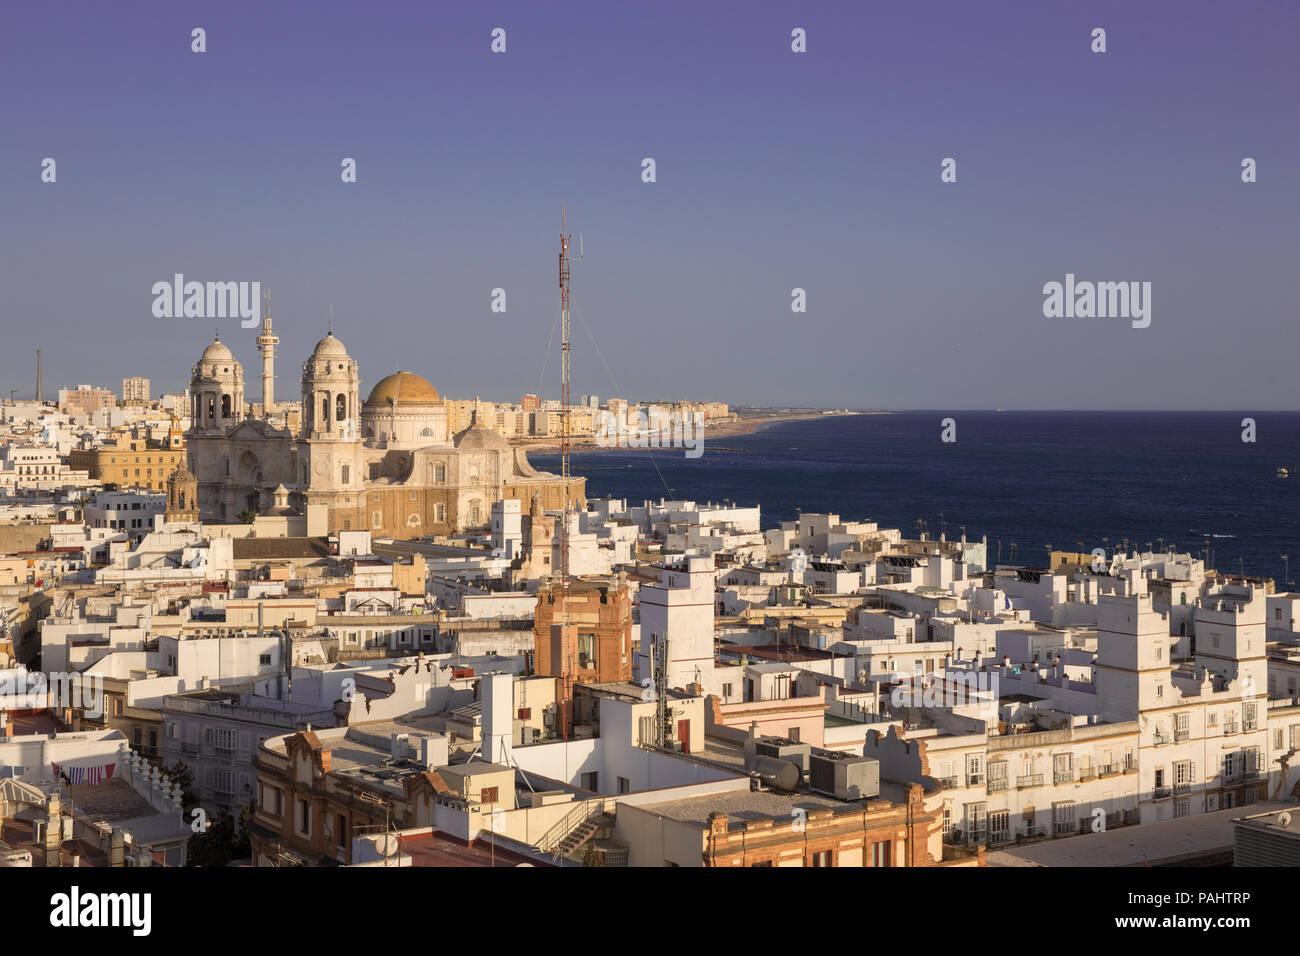 Vue Aérienne Vue panoramique de la vieille ville et les toits de la cathédrale de Santa Cruz, dans l'après-midi de la Tour Tavira à Cadix, Andalousie Banque D'Images